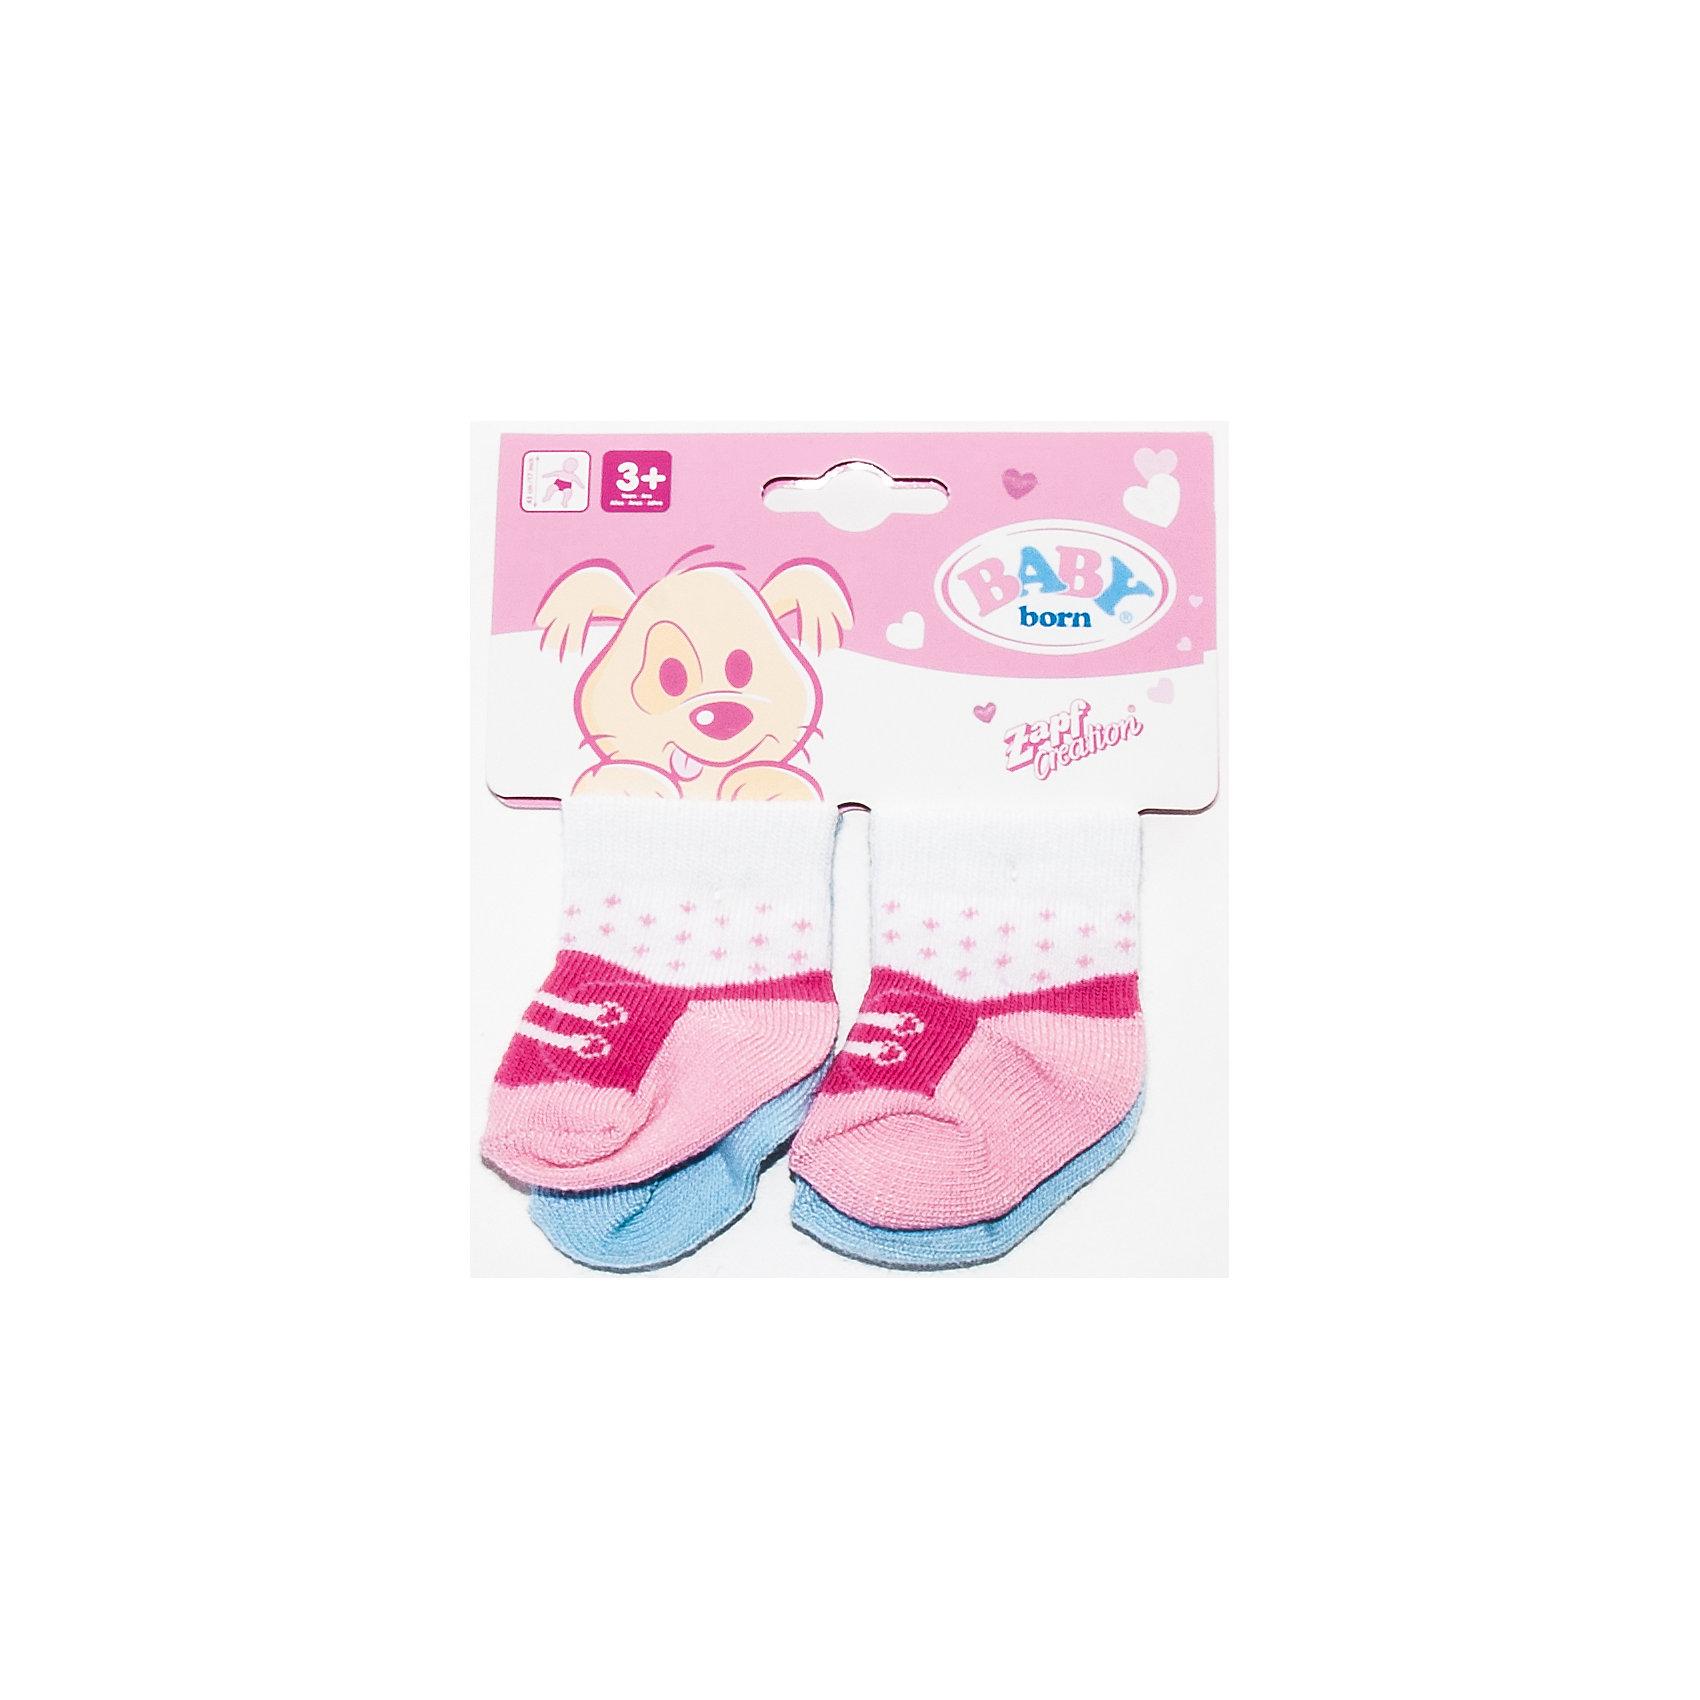 Носки 2 пары, розовые, BABY bornБренды кукол<br>Носки для куклы BABY born, 2 пары.<br><br>Характеристики комплекта Zapf Creation:<br><br>• количество в упаковке: 2 пары;<br>• цвет: розовый;<br>• особенность носочков: тянутся;<br>• носки предназначены для кукол высотой 43 см;<br>• материал: мягкий текстиль;<br>• размер упаковки: 13х1х12 см;<br>• вес упаковки: 36 г;<br>• упаковка: блистер.<br><br>Носки 2 пары, розовые, BABY born можно купить в нашем интернет-магазине.<br><br>Ширина мм: 120<br>Глубина мм: 10<br>Высота мм: 130<br>Вес г: 36<br>Возраст от месяцев: 36<br>Возраст до месяцев: 2147483647<br>Пол: Женский<br>Возраст: Детский<br>SKU: 5064303